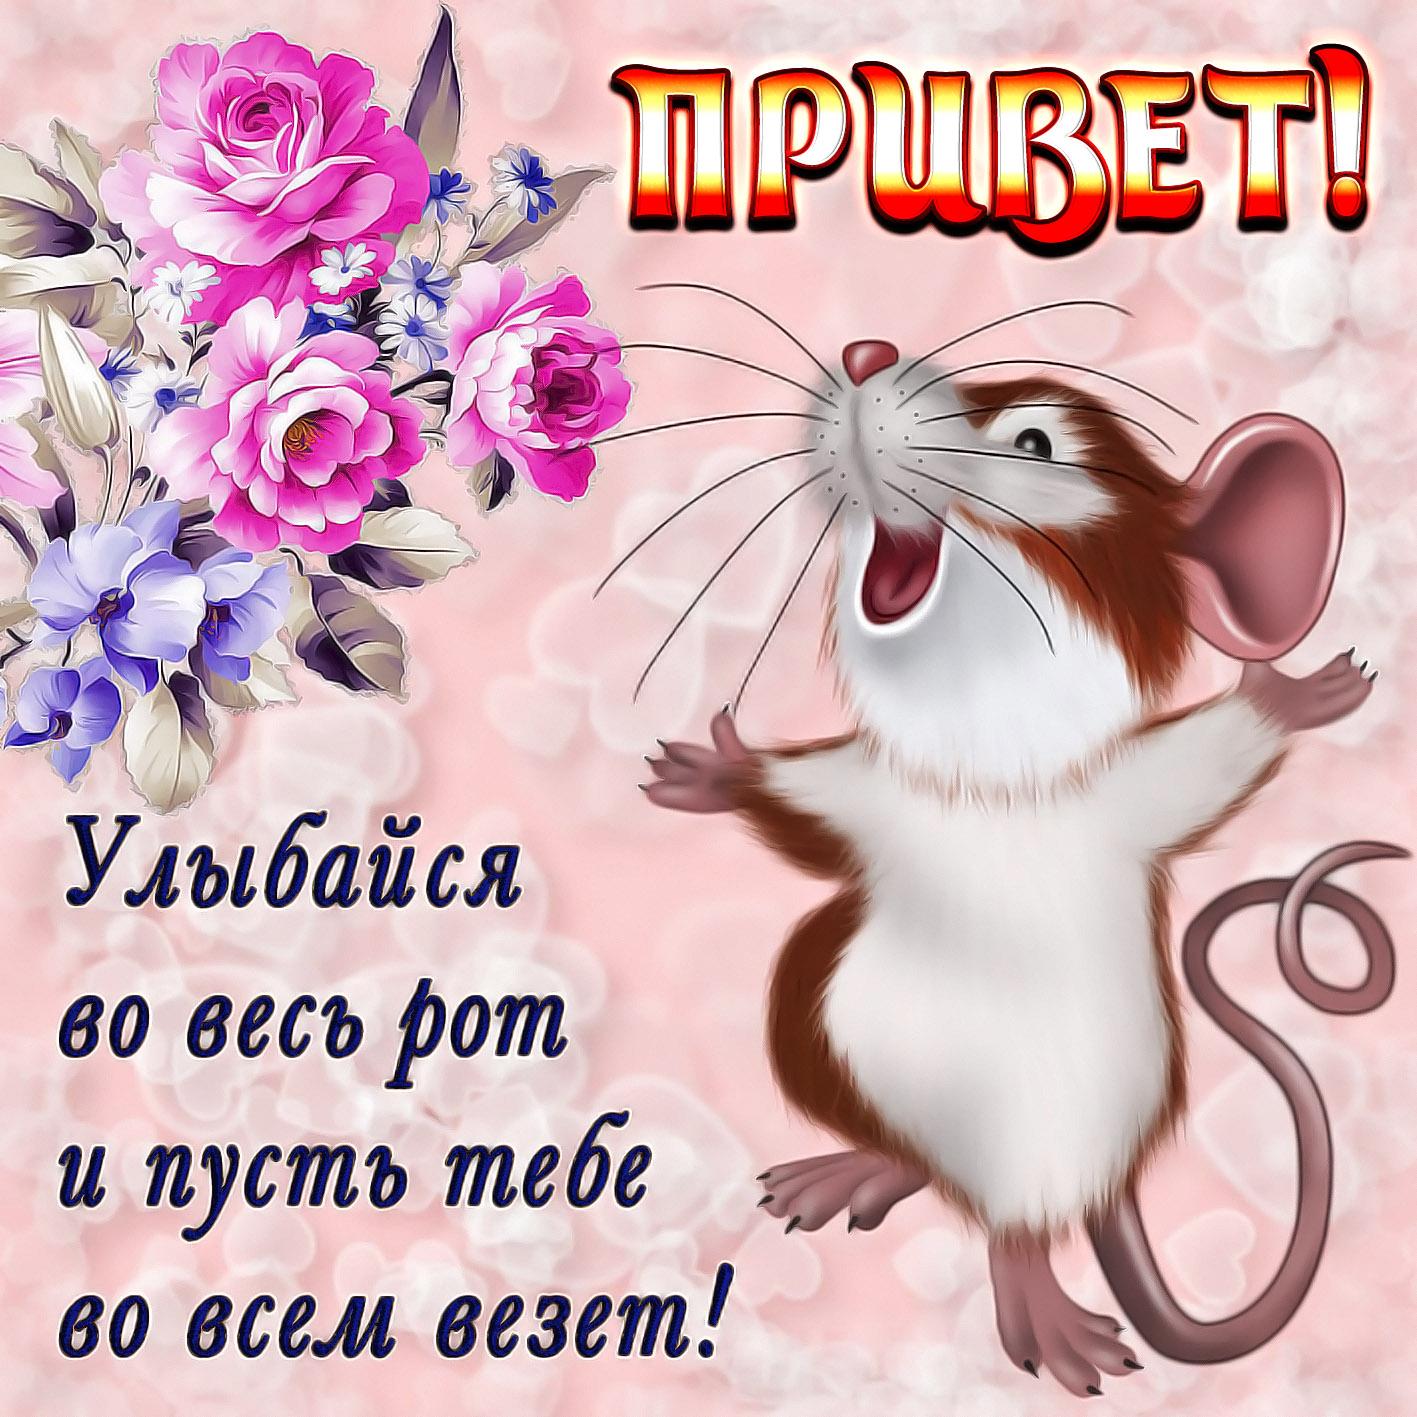 картинки с надписью привет хорошего дня москве